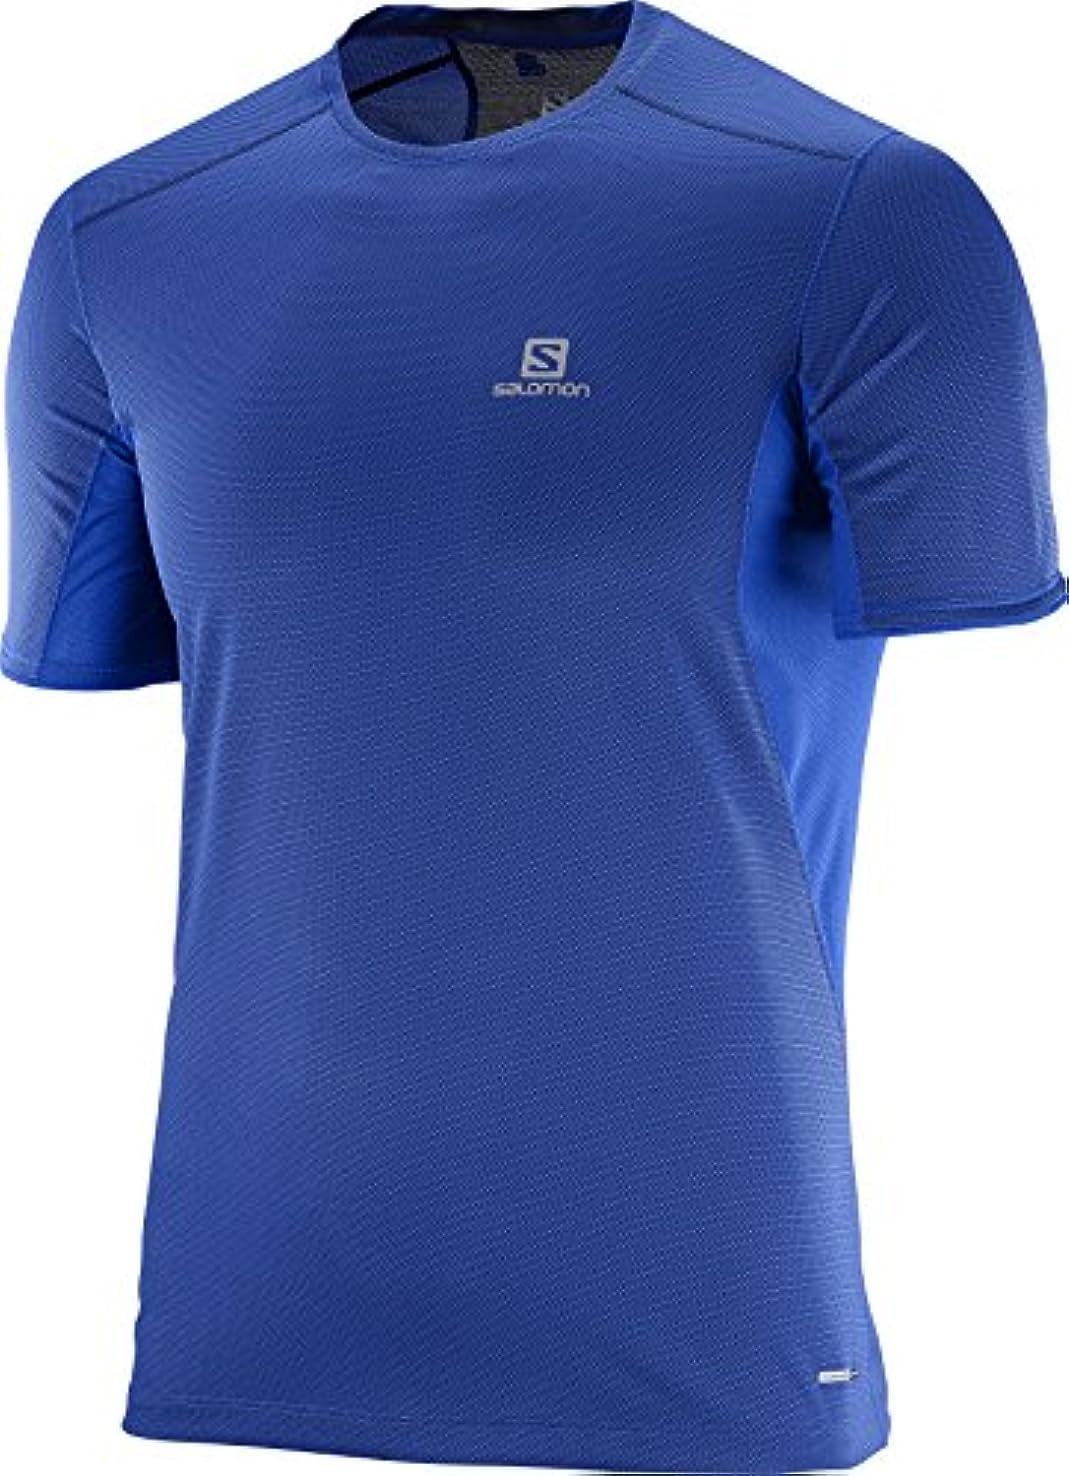 トラブル価値結び目(サロモン)SALOMON ランニングシャツ TRAIL RUNNER 半袖 Tシャツ M